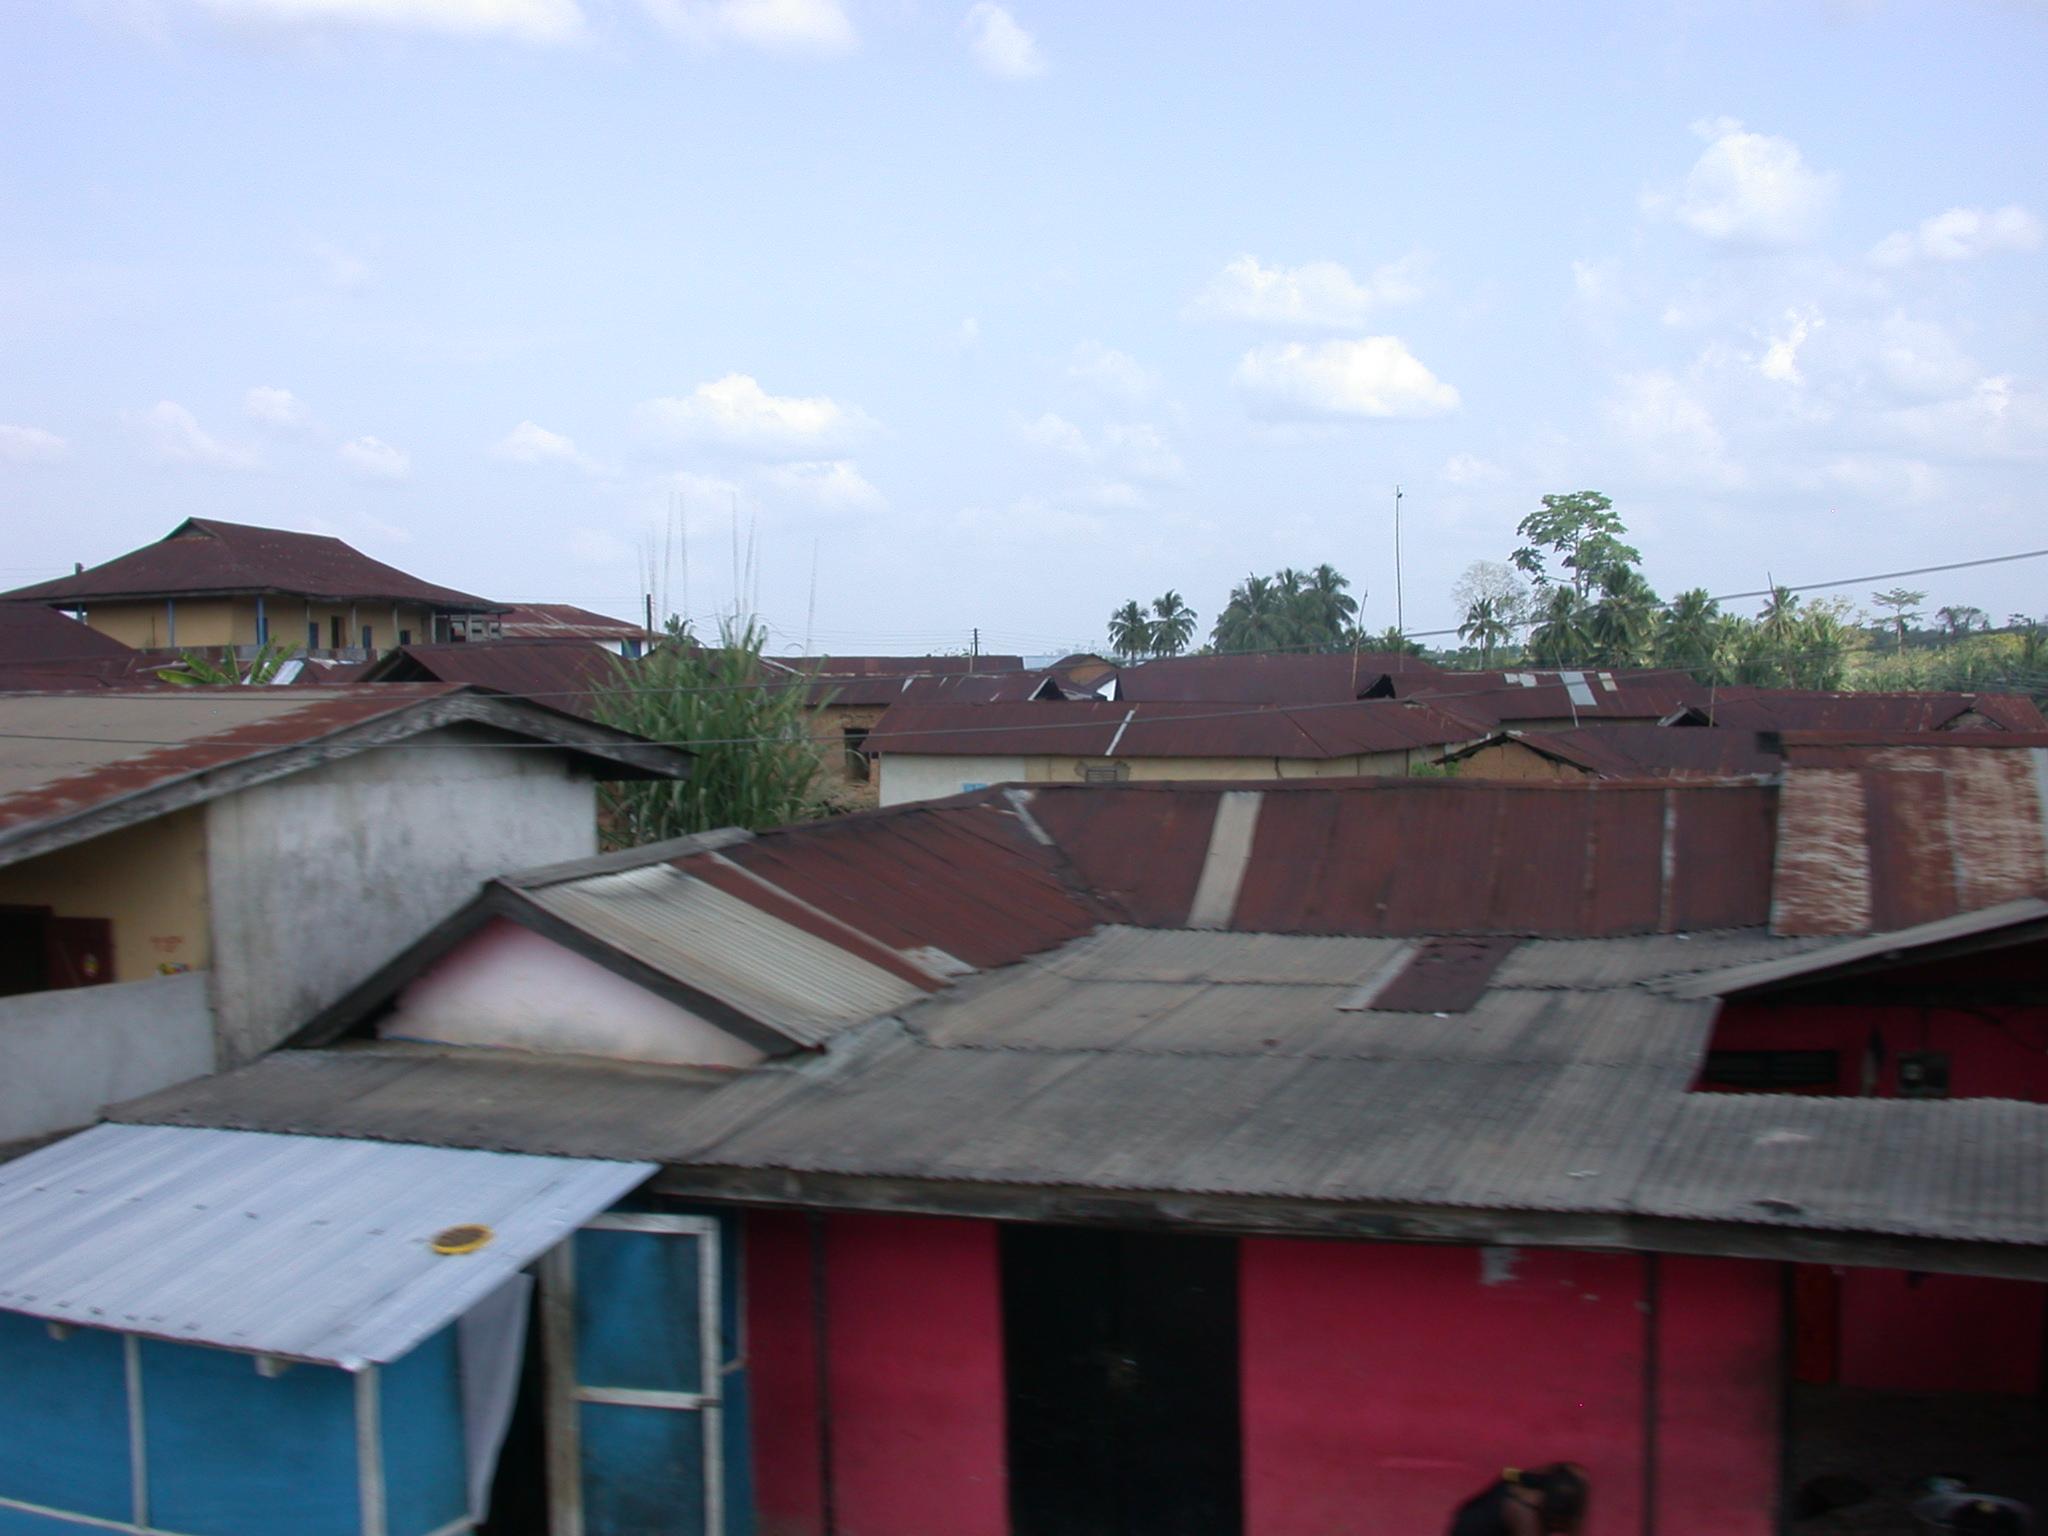 Tin Shack Town on Road From Cape Coast to Kumasi, Ghana